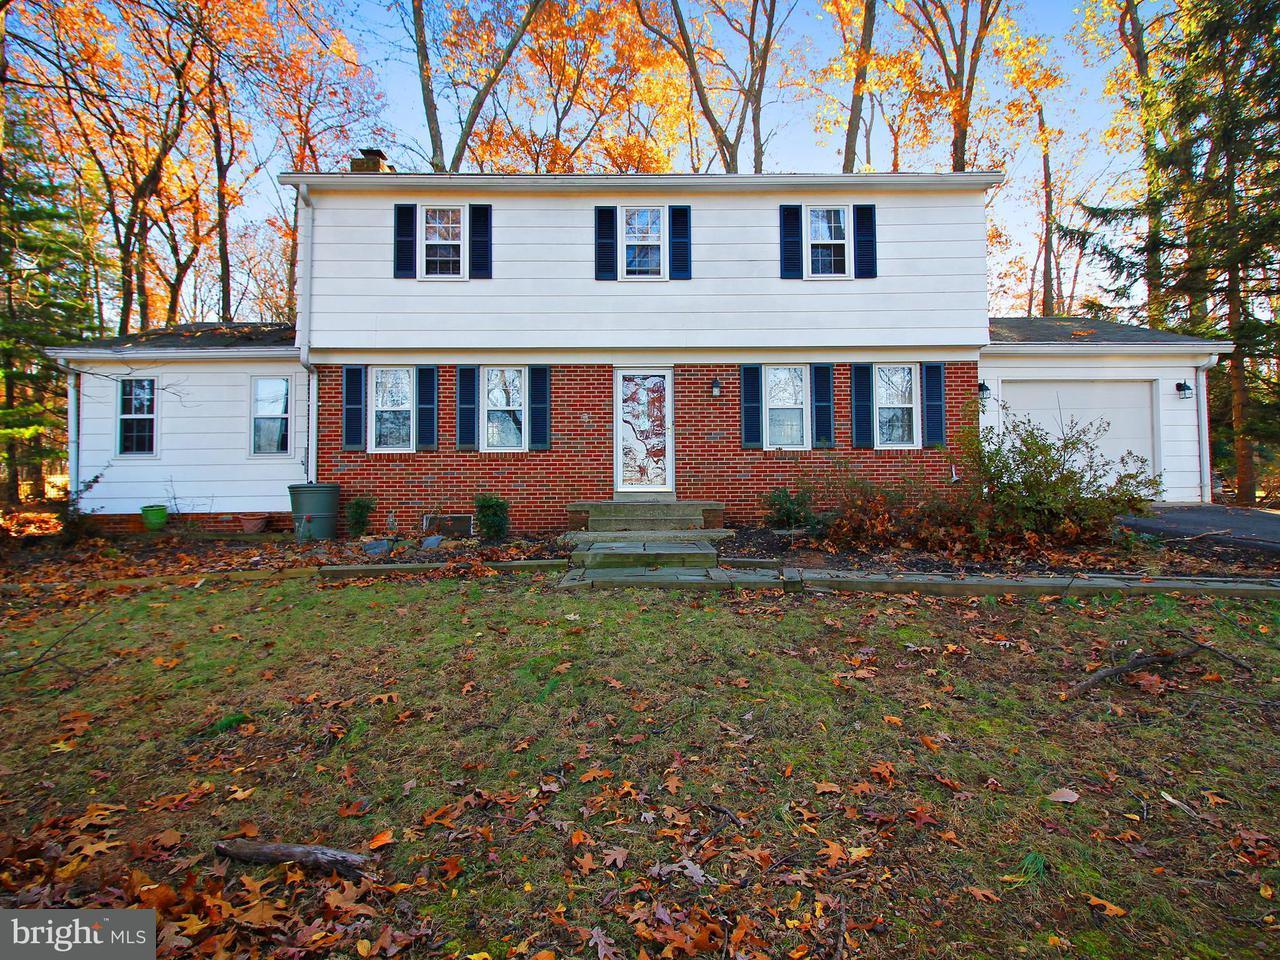 Частный односемейный дом для того Продажа на 18909 Muncaster Road 18909 Muncaster Road Derwood, Мэриленд 20855 Соединенные Штаты